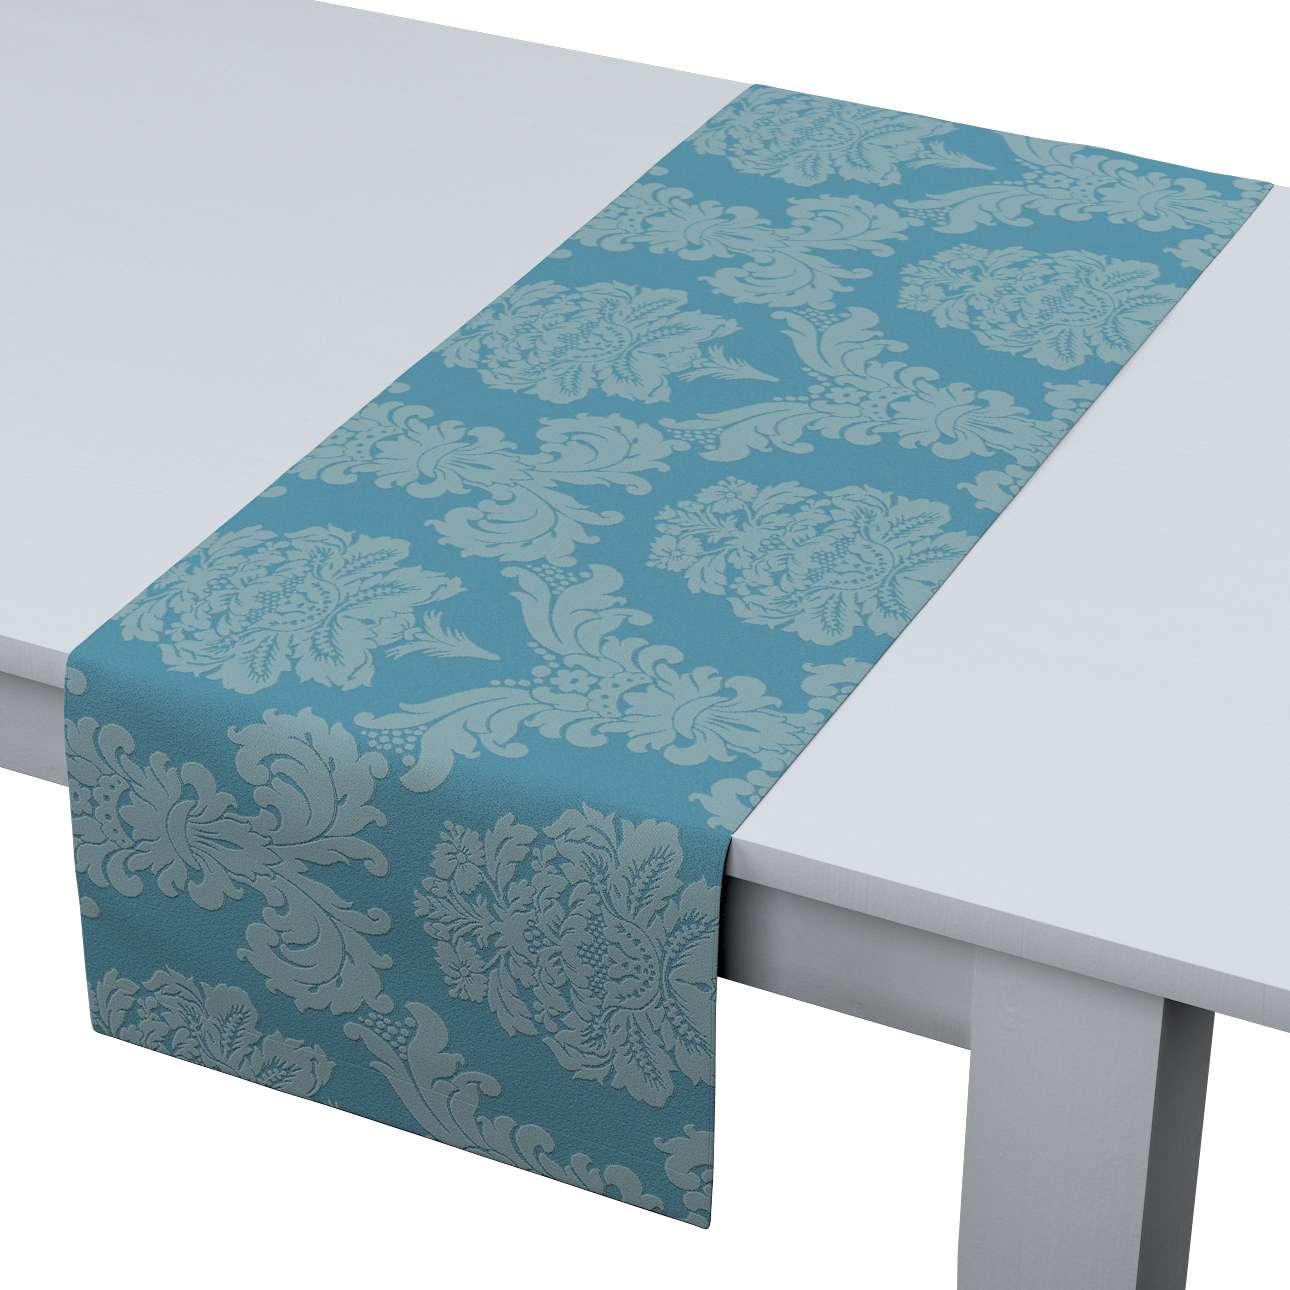 Rechteckiger Tischläufer 40 x 130 cm von der Kollektion Damasco, Stoff: 613-67